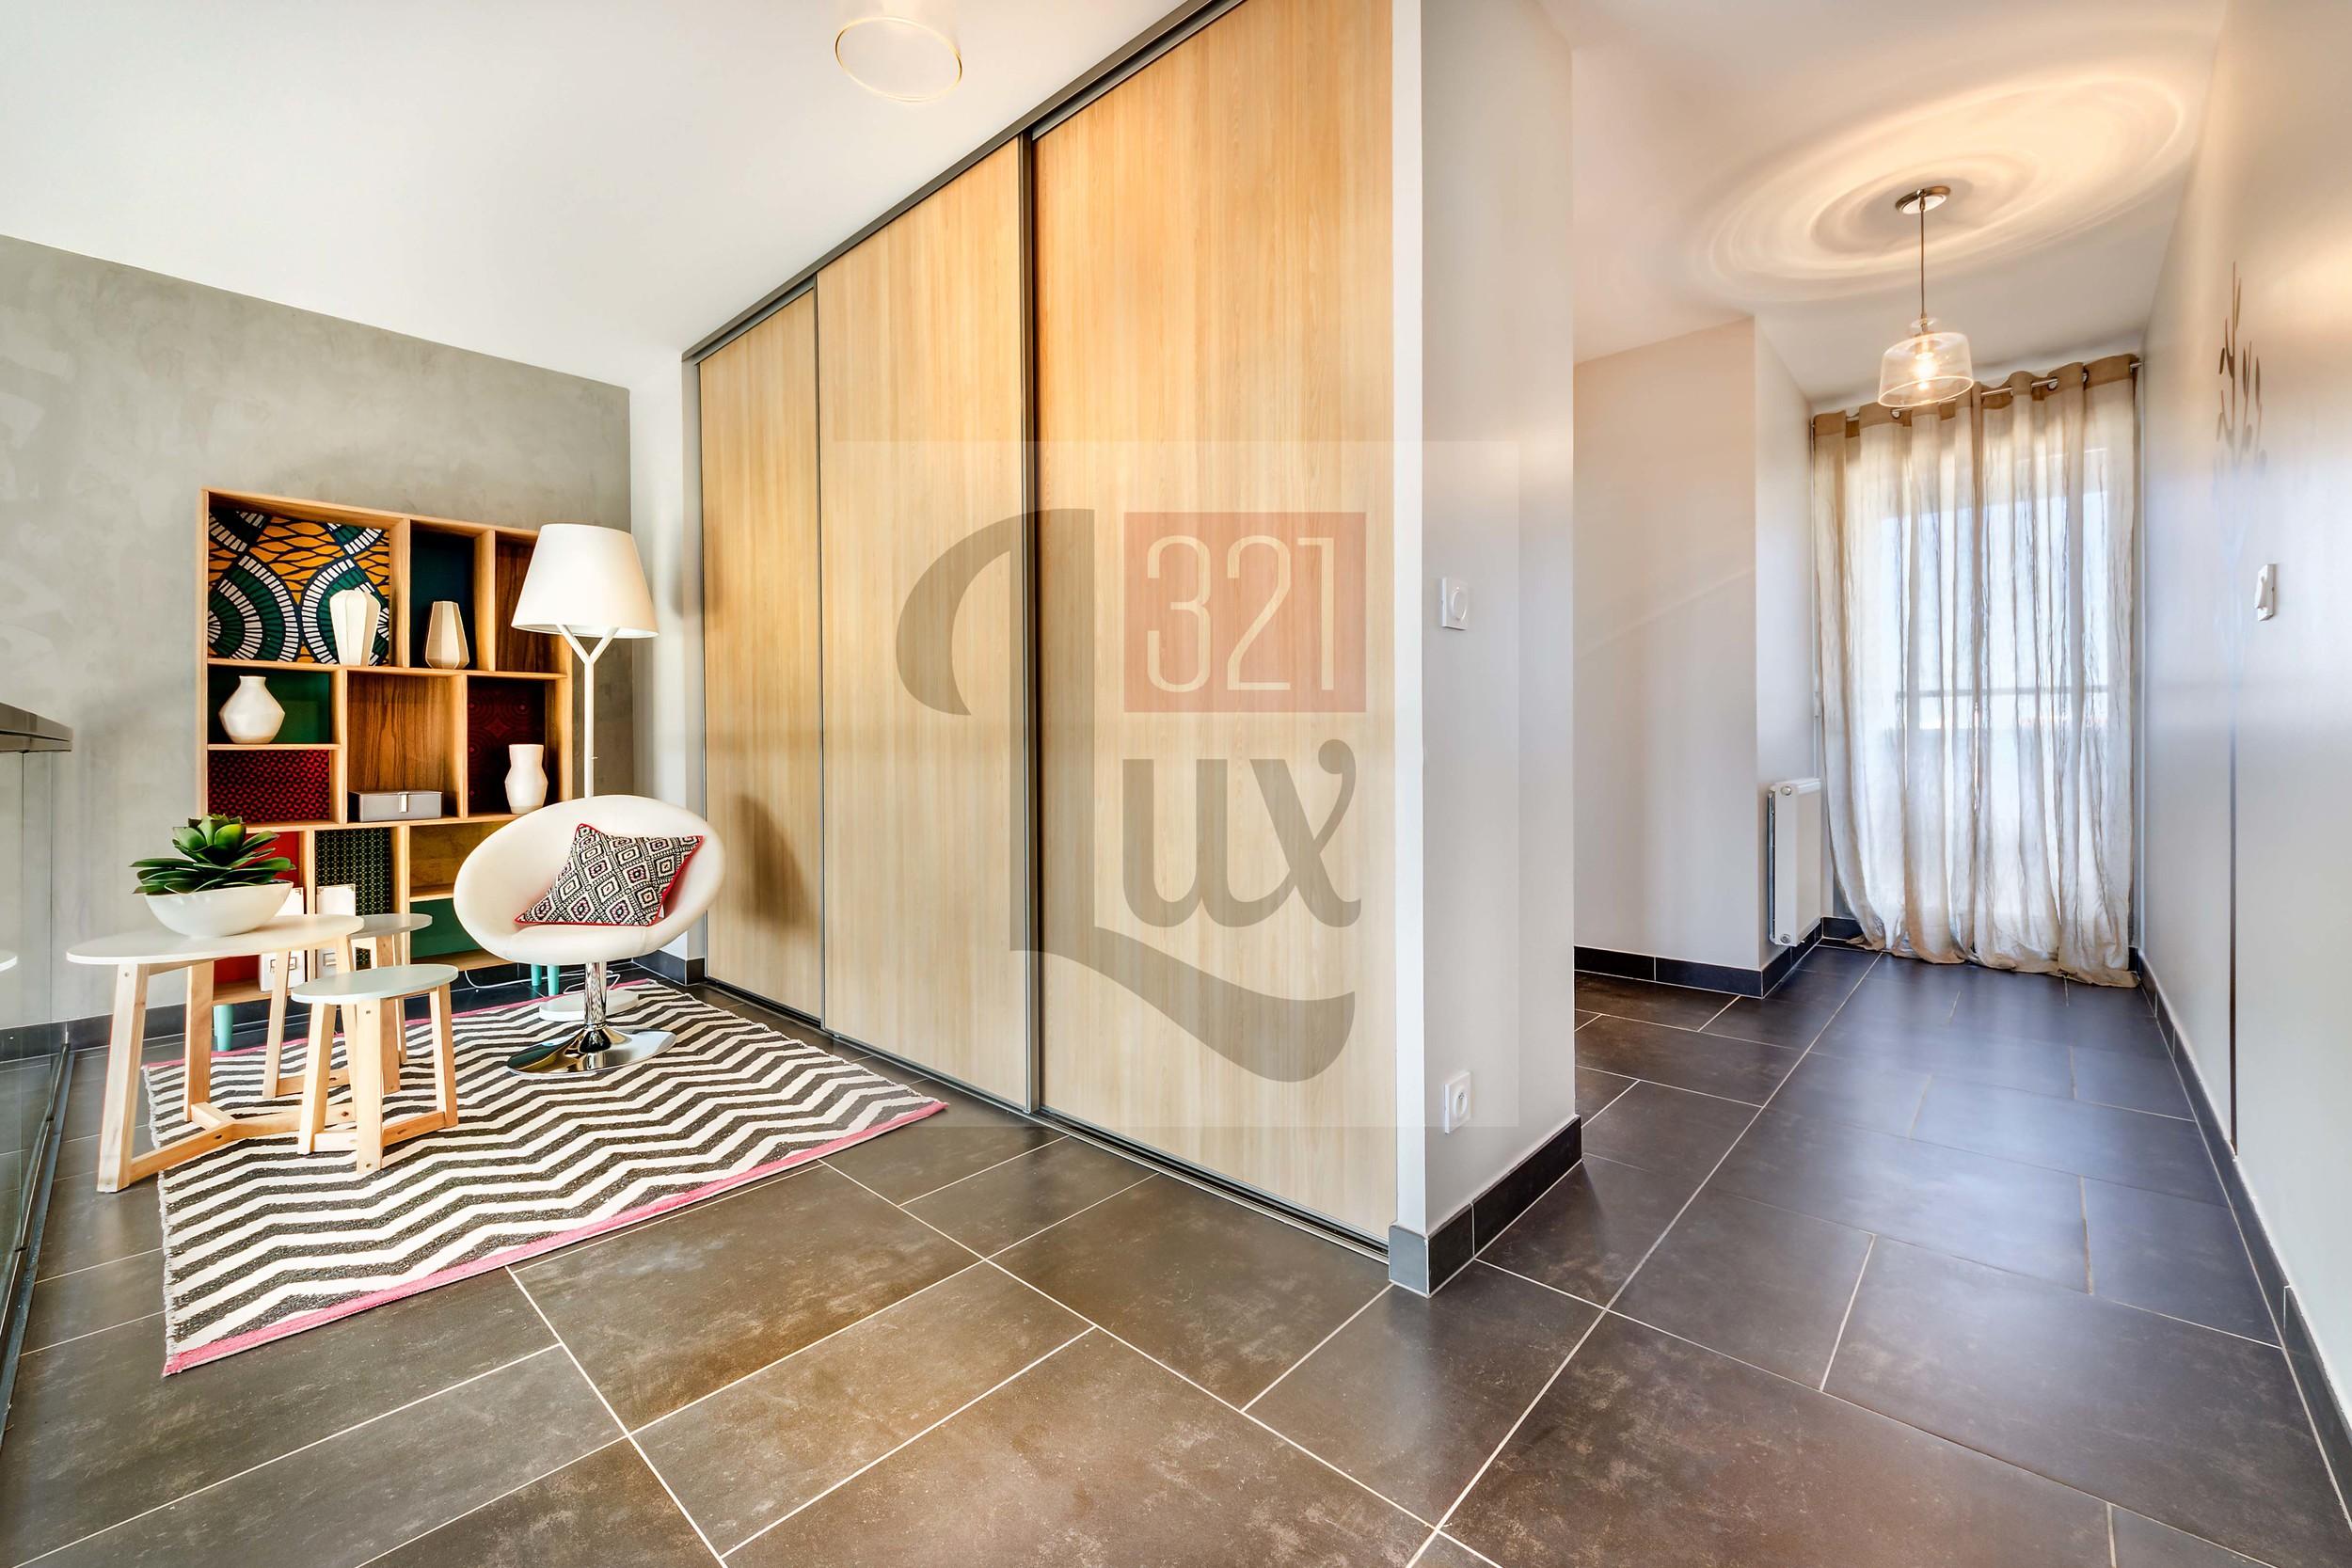 321 Lux-Mas St-Côme-Villa toit Nouvelle Rive-6.jpg